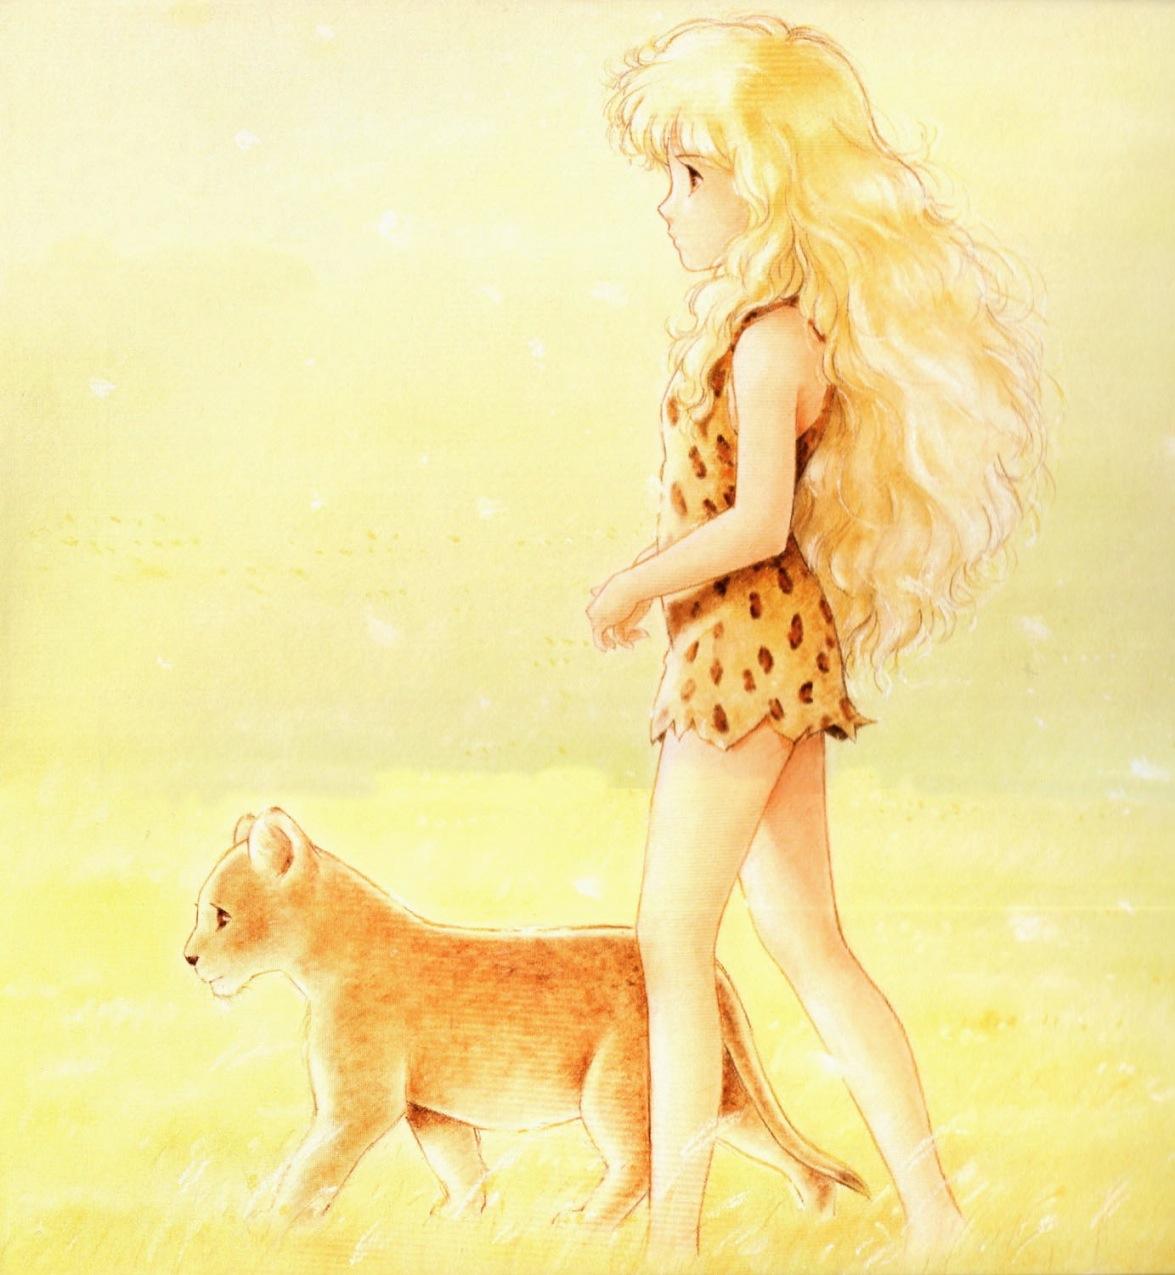 http://grenierdelatv.free.fr/2/pelsia08.jpg